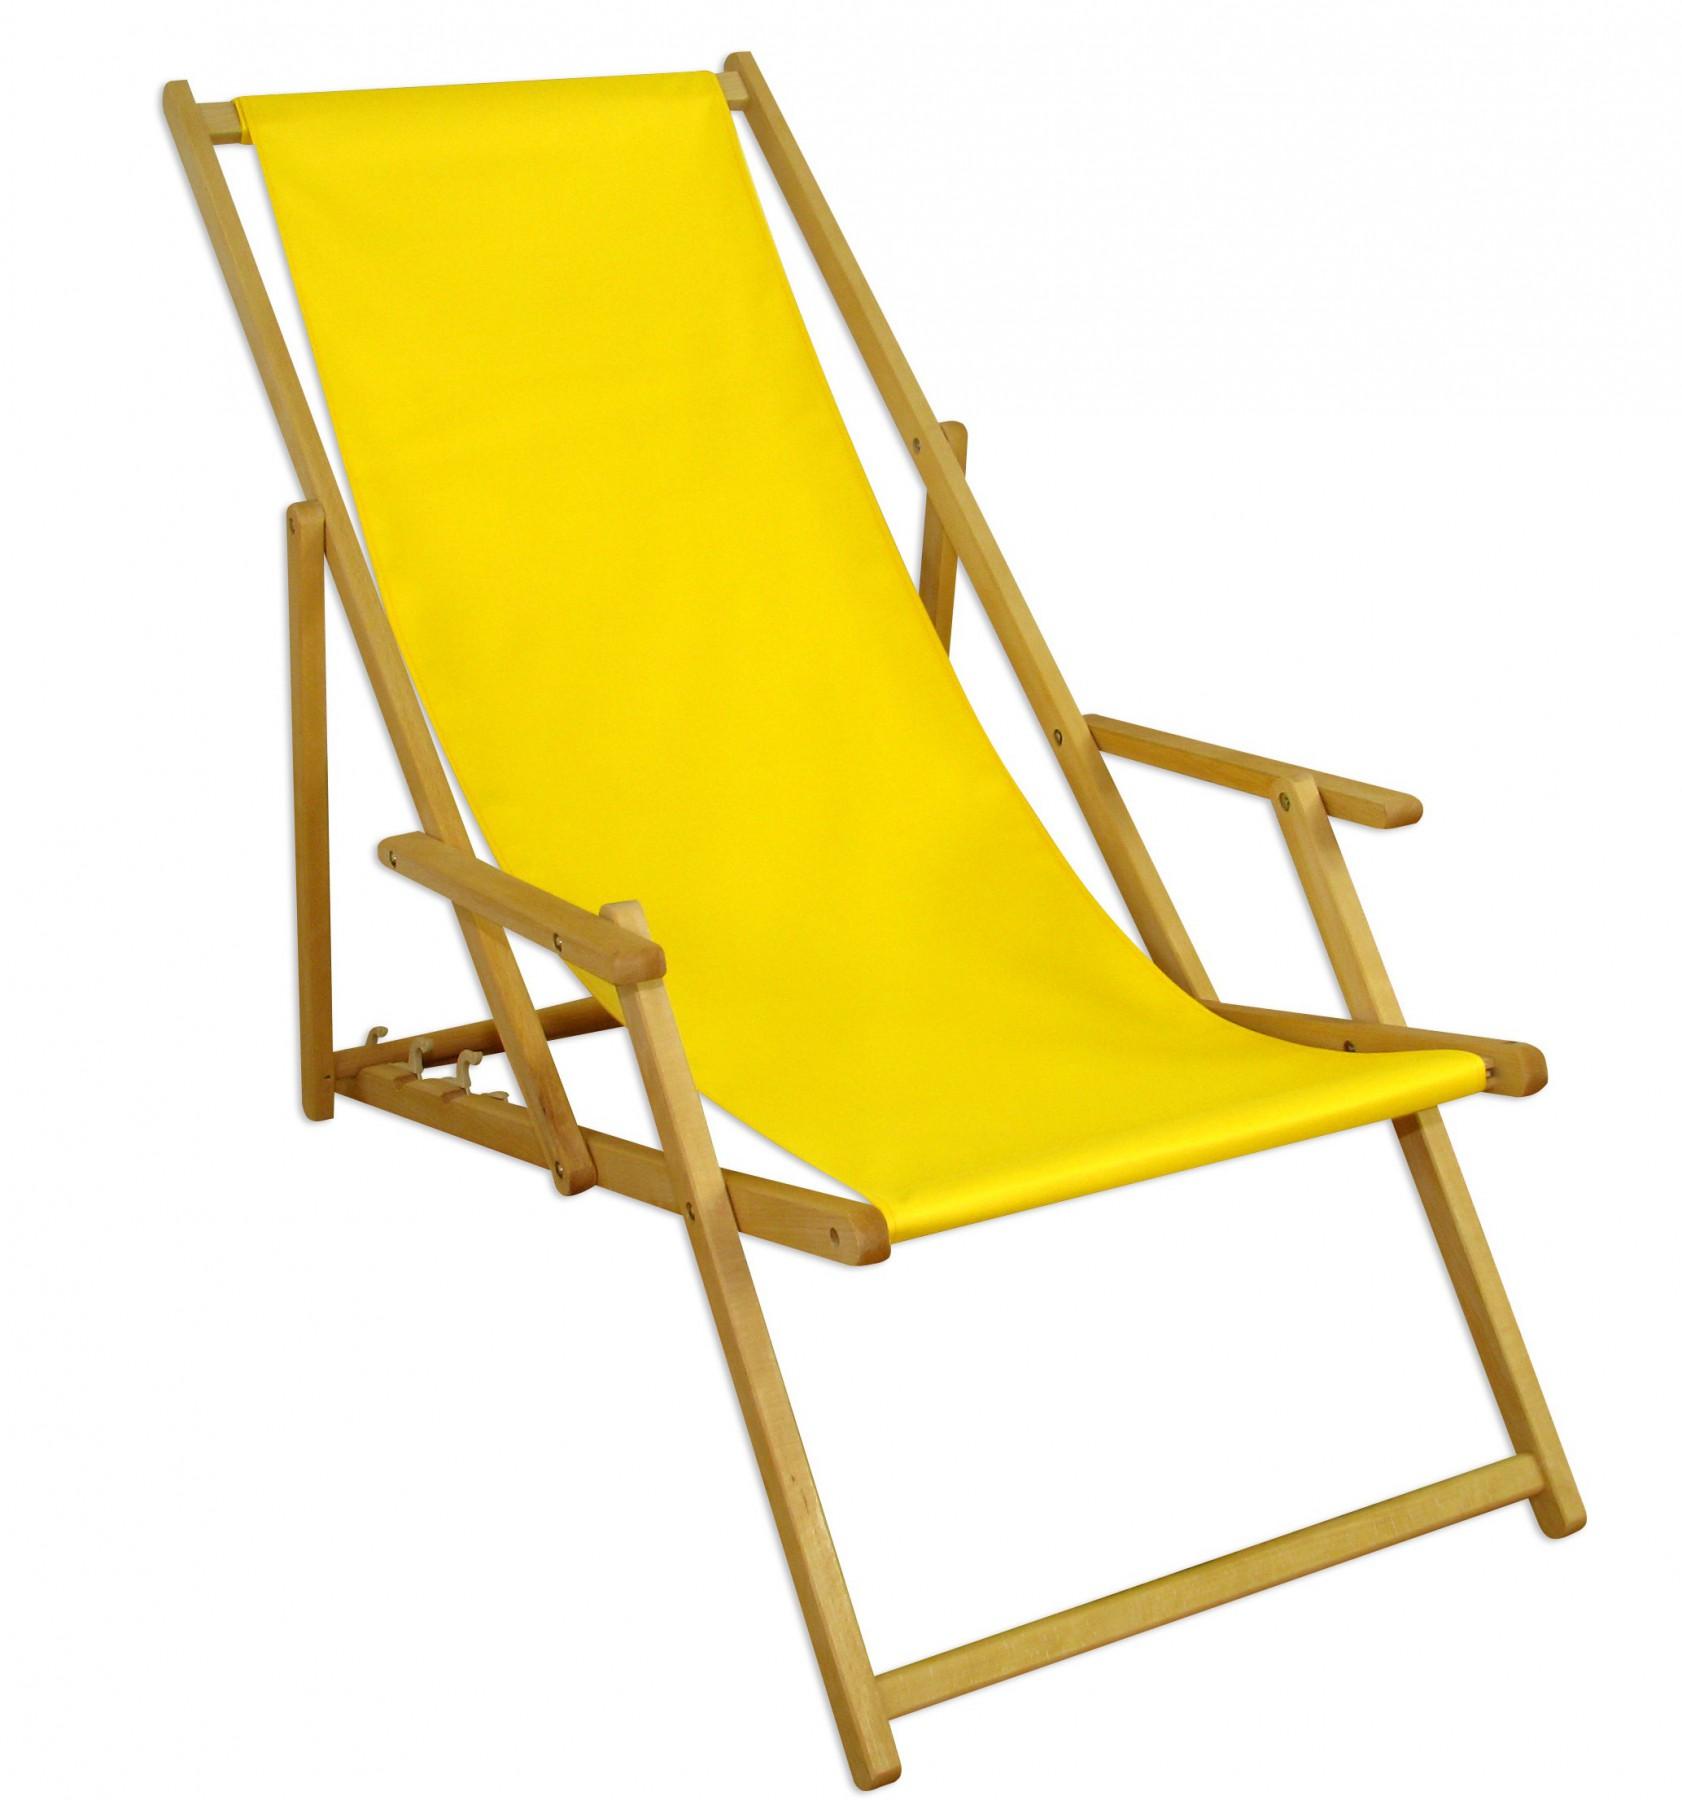 gartenliege gelb sonnenliege holz relaxliege sonnendach strandstuhl